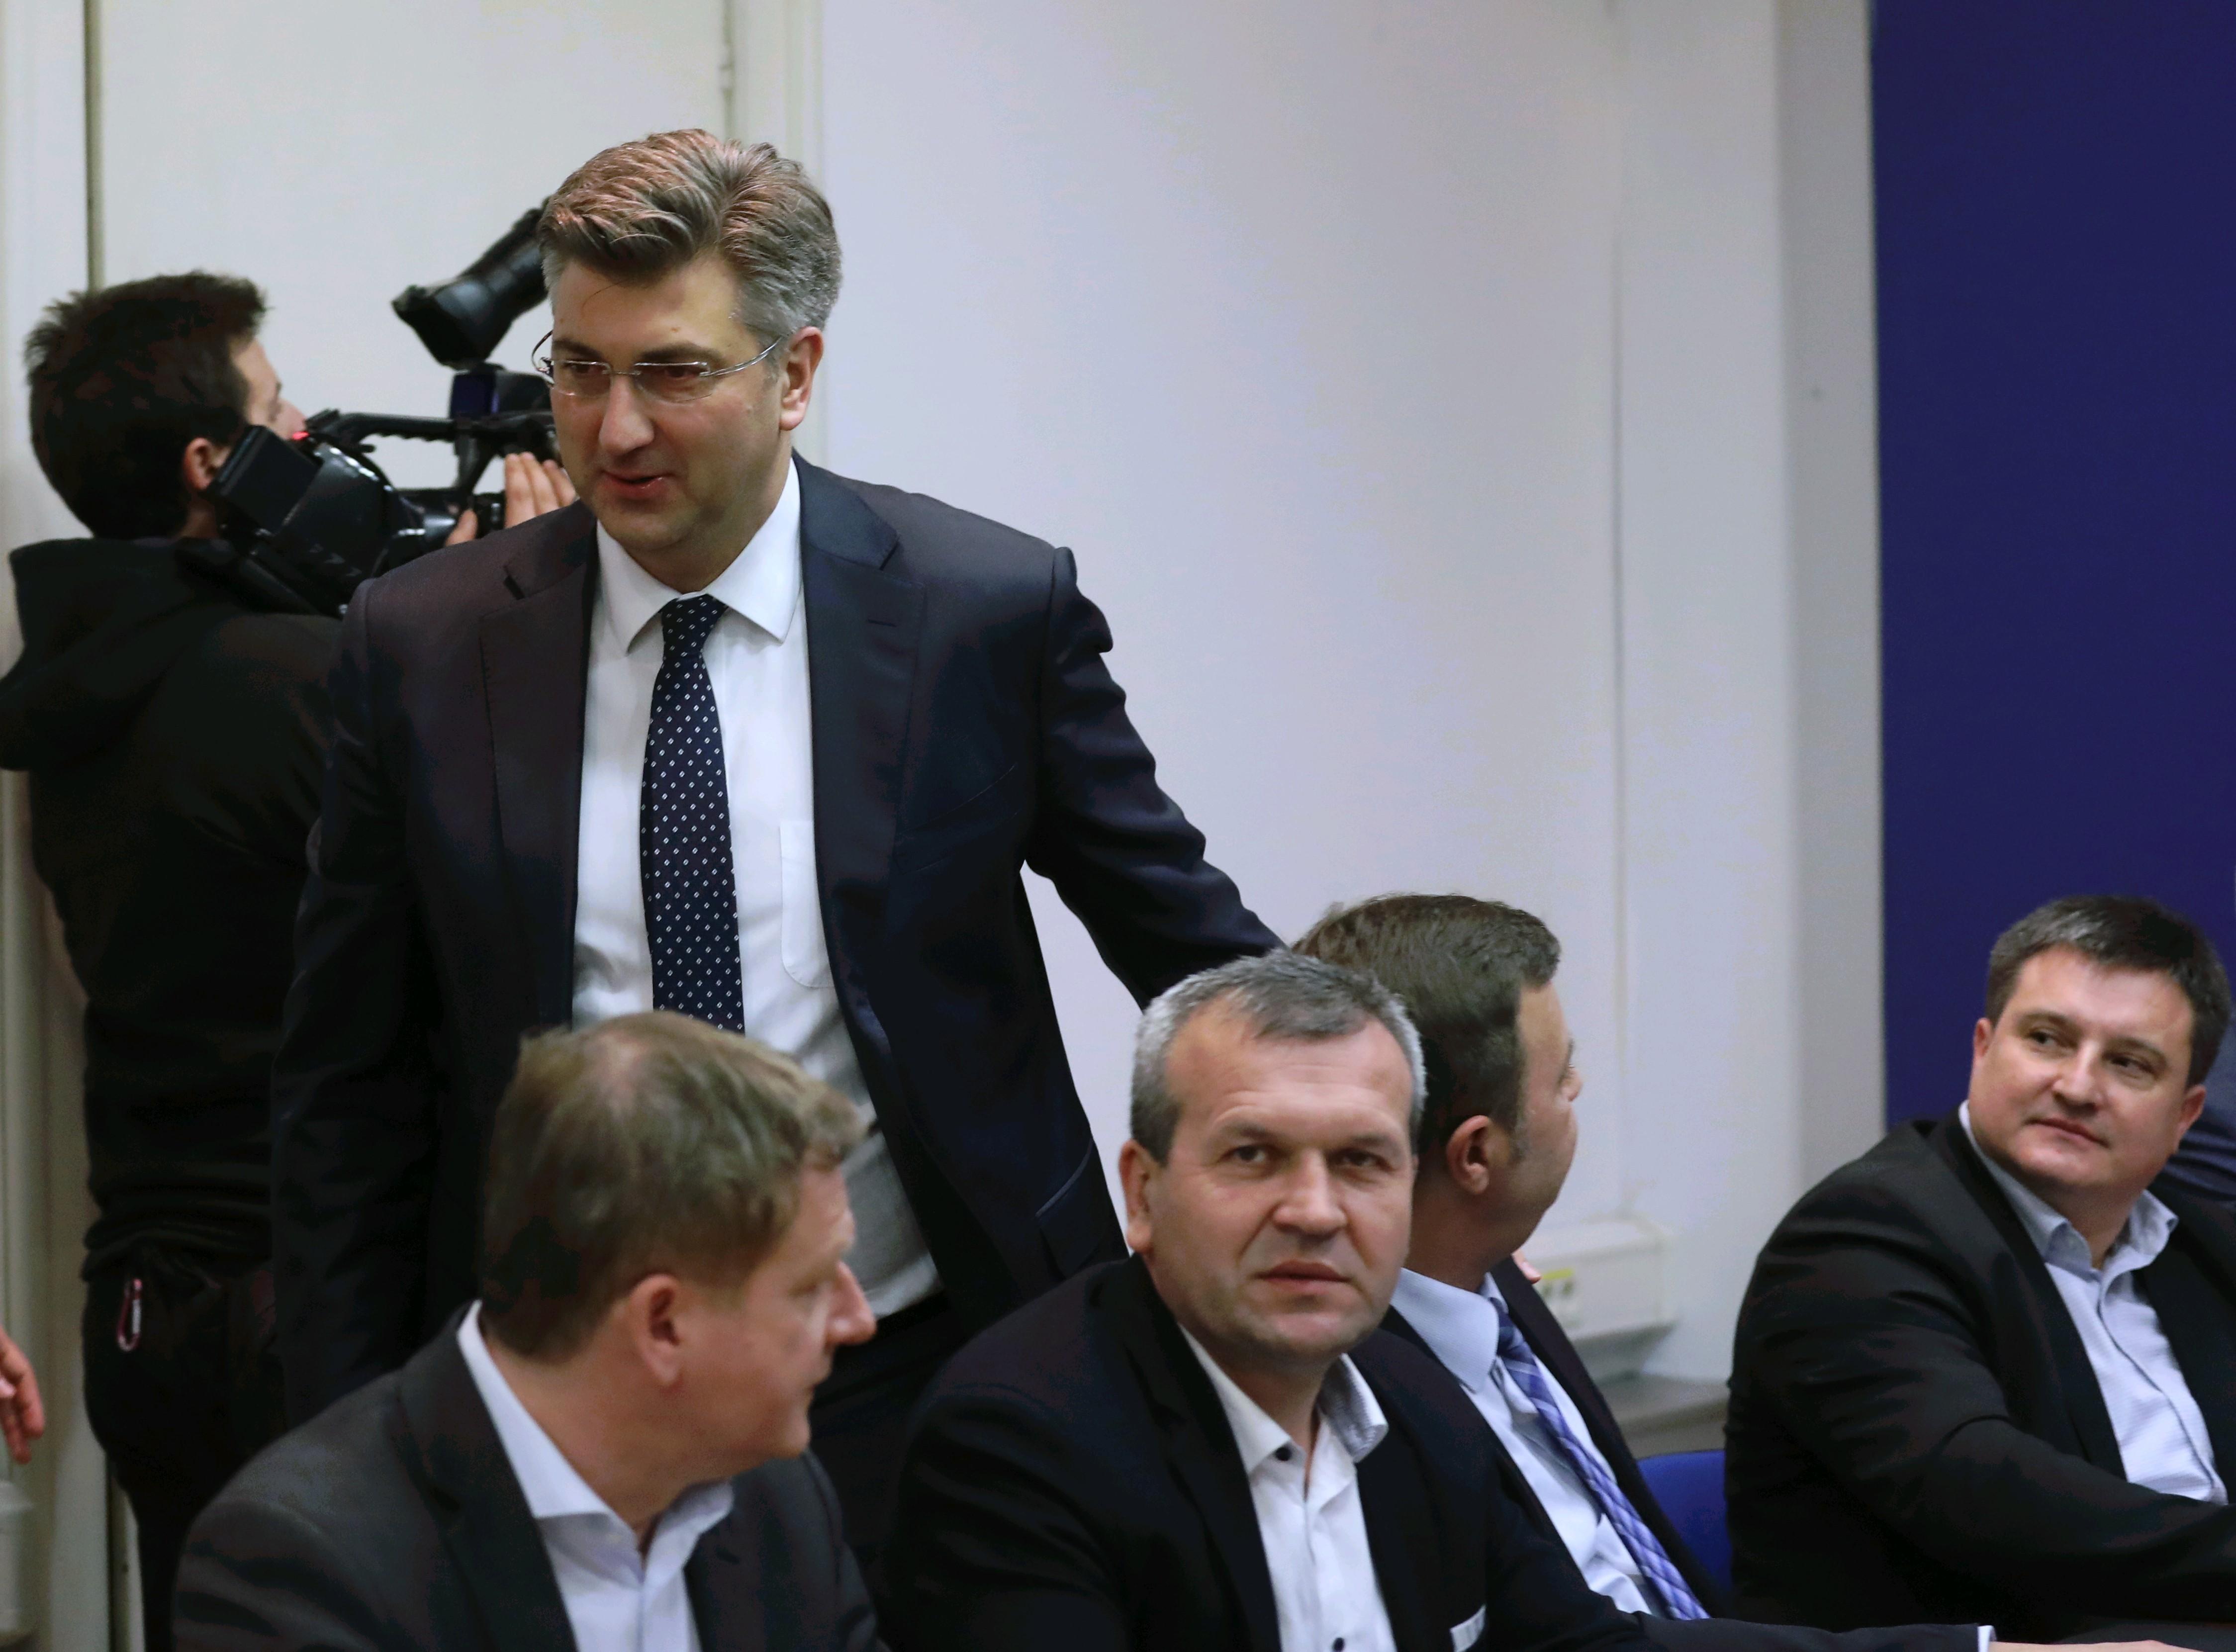 Raspušten Ličko-senjski HDZ, Tomašević mora podnijeti ostavku do 15. siječnja